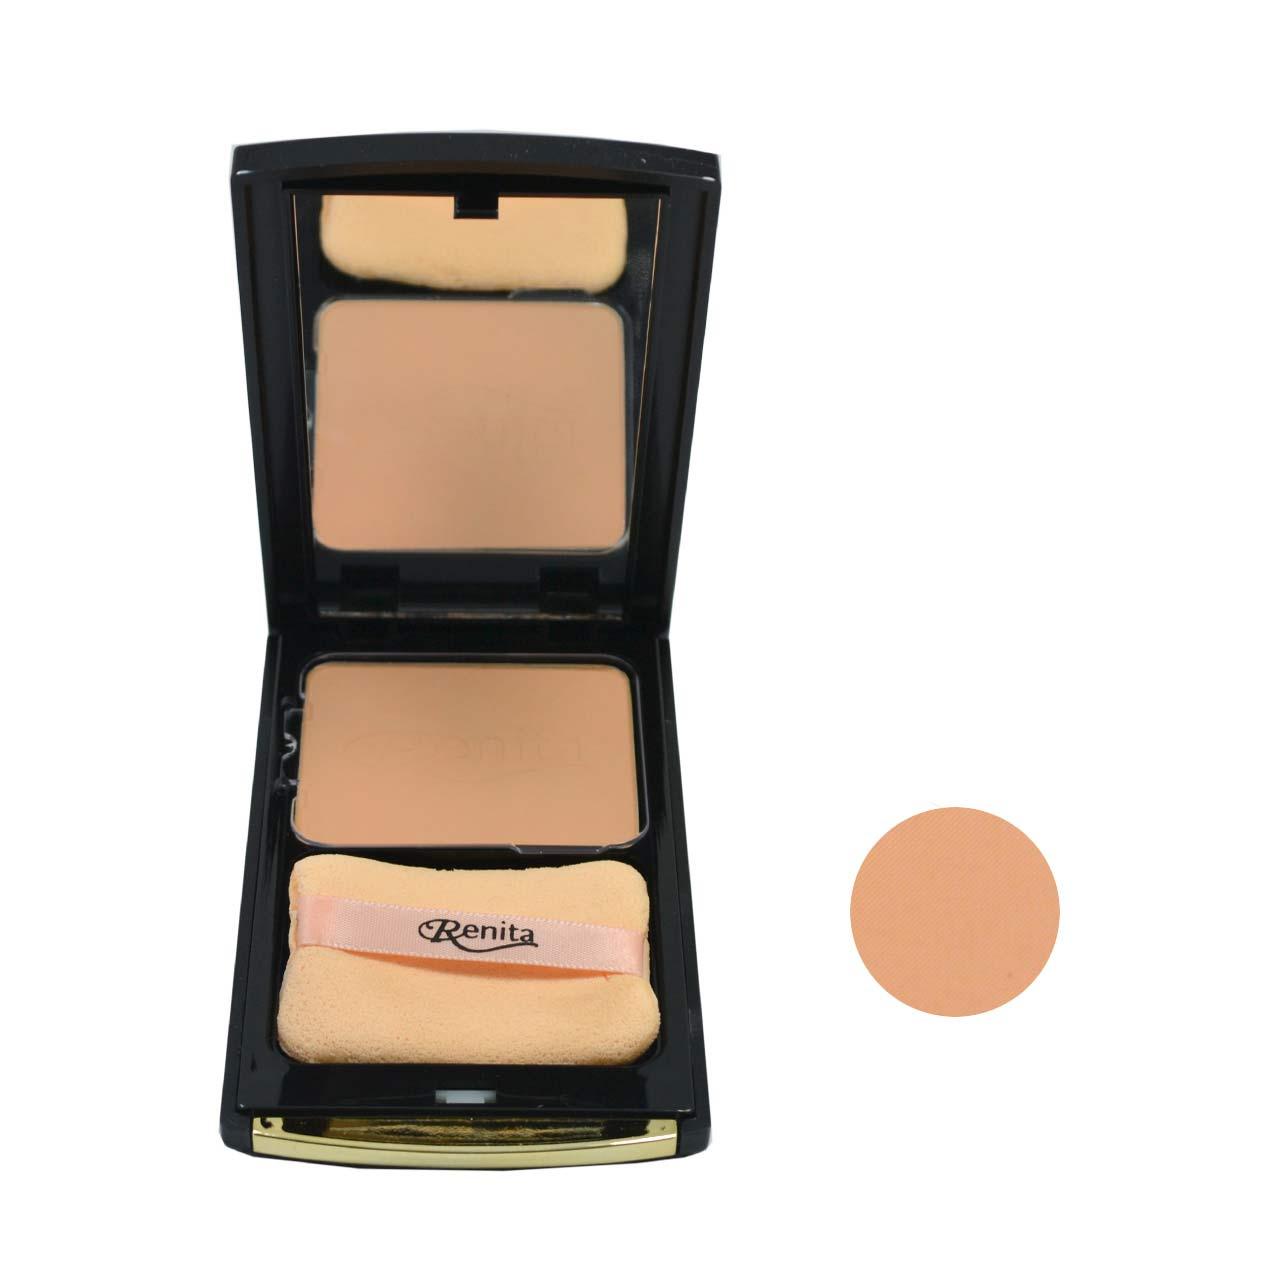 پنکک رنیتا شماره p5 مدل Perfect Cover حجم 15 میلی لیتر